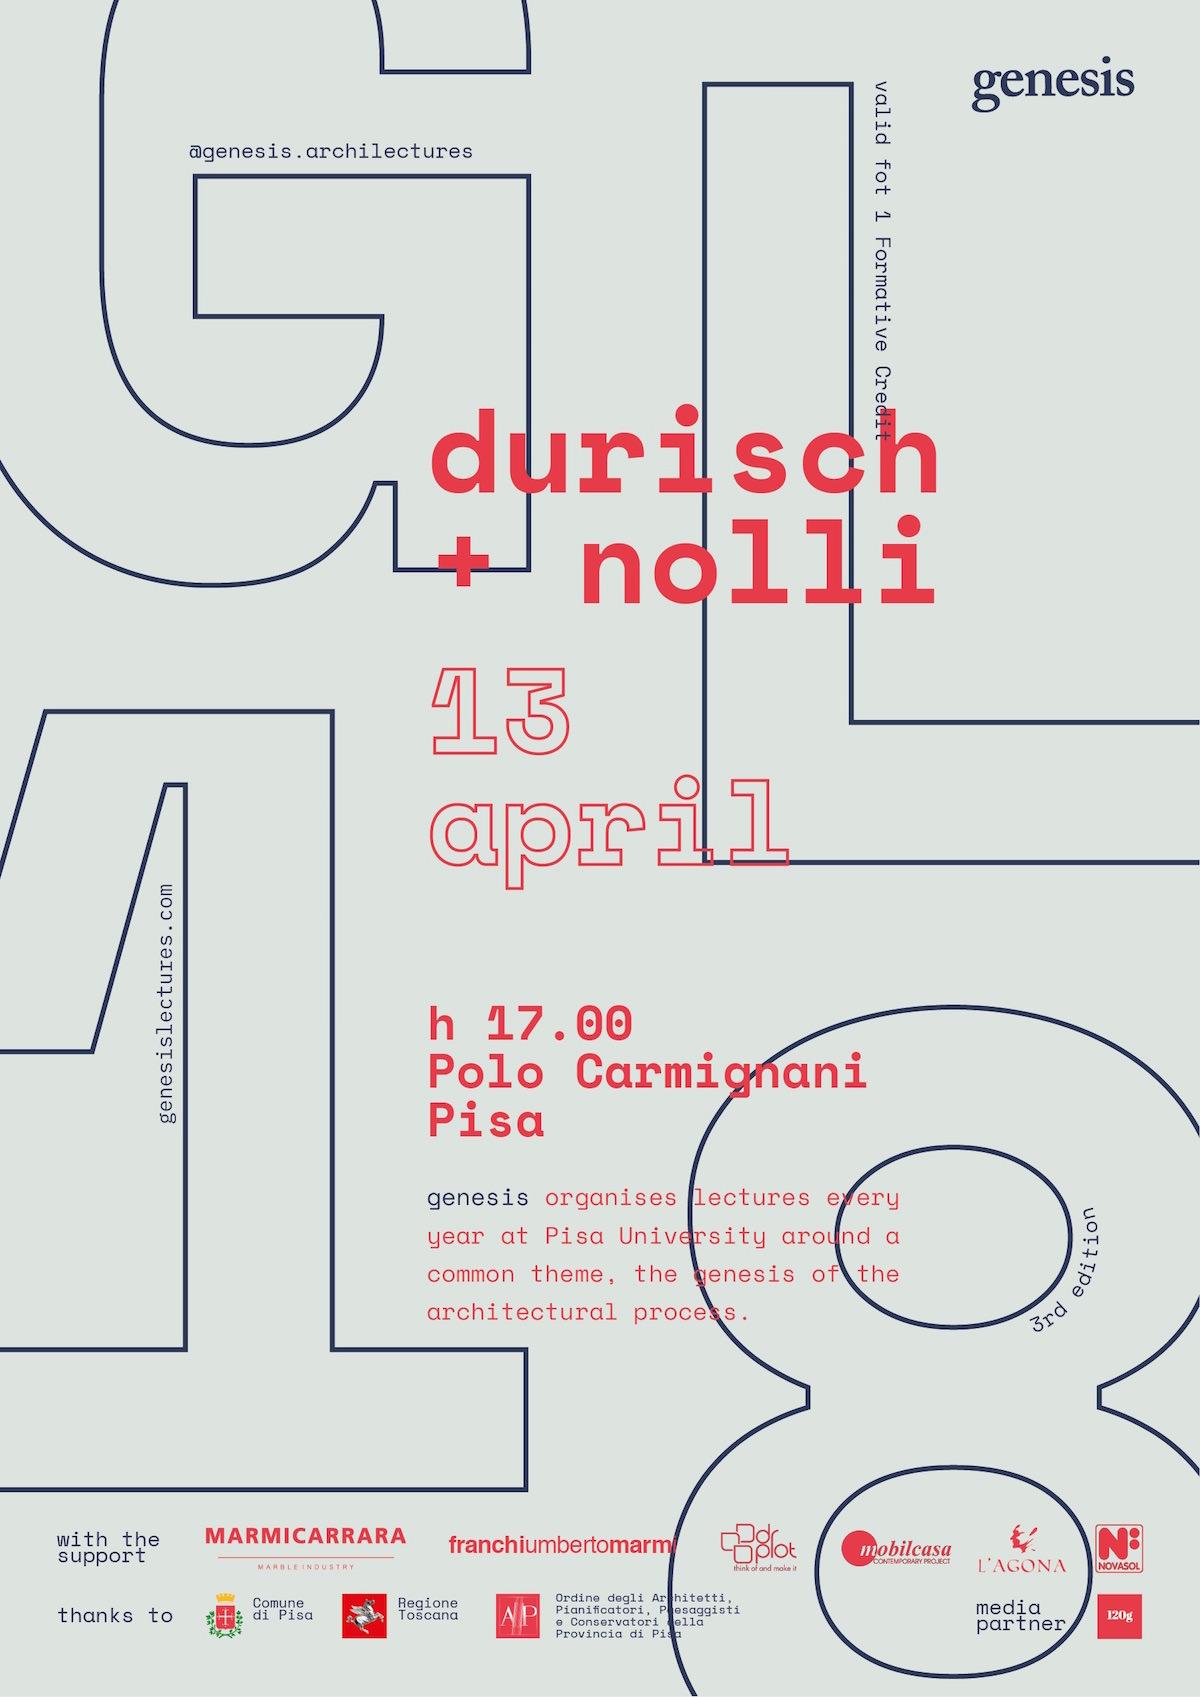 Durisch + Nolli